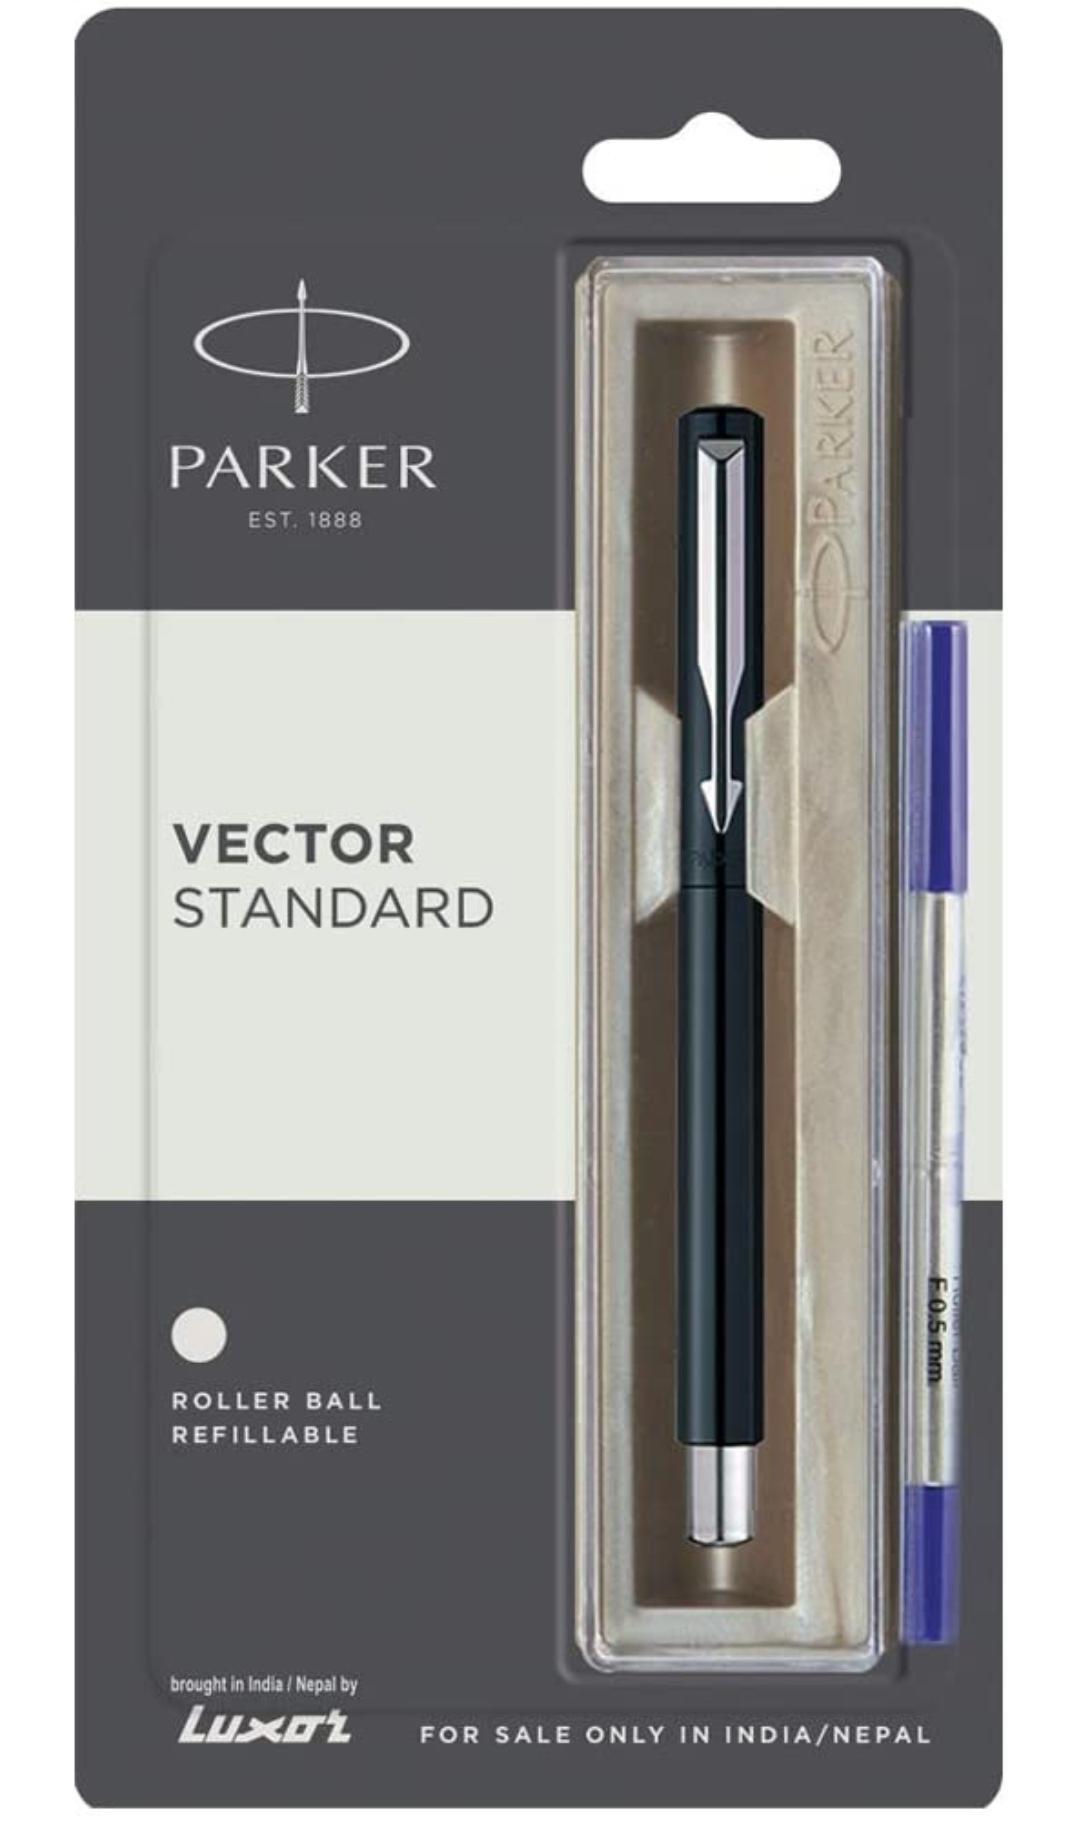 Parker Vector Standard Chrome Trim Roller Ball Pen (Pack of 1) Black Body